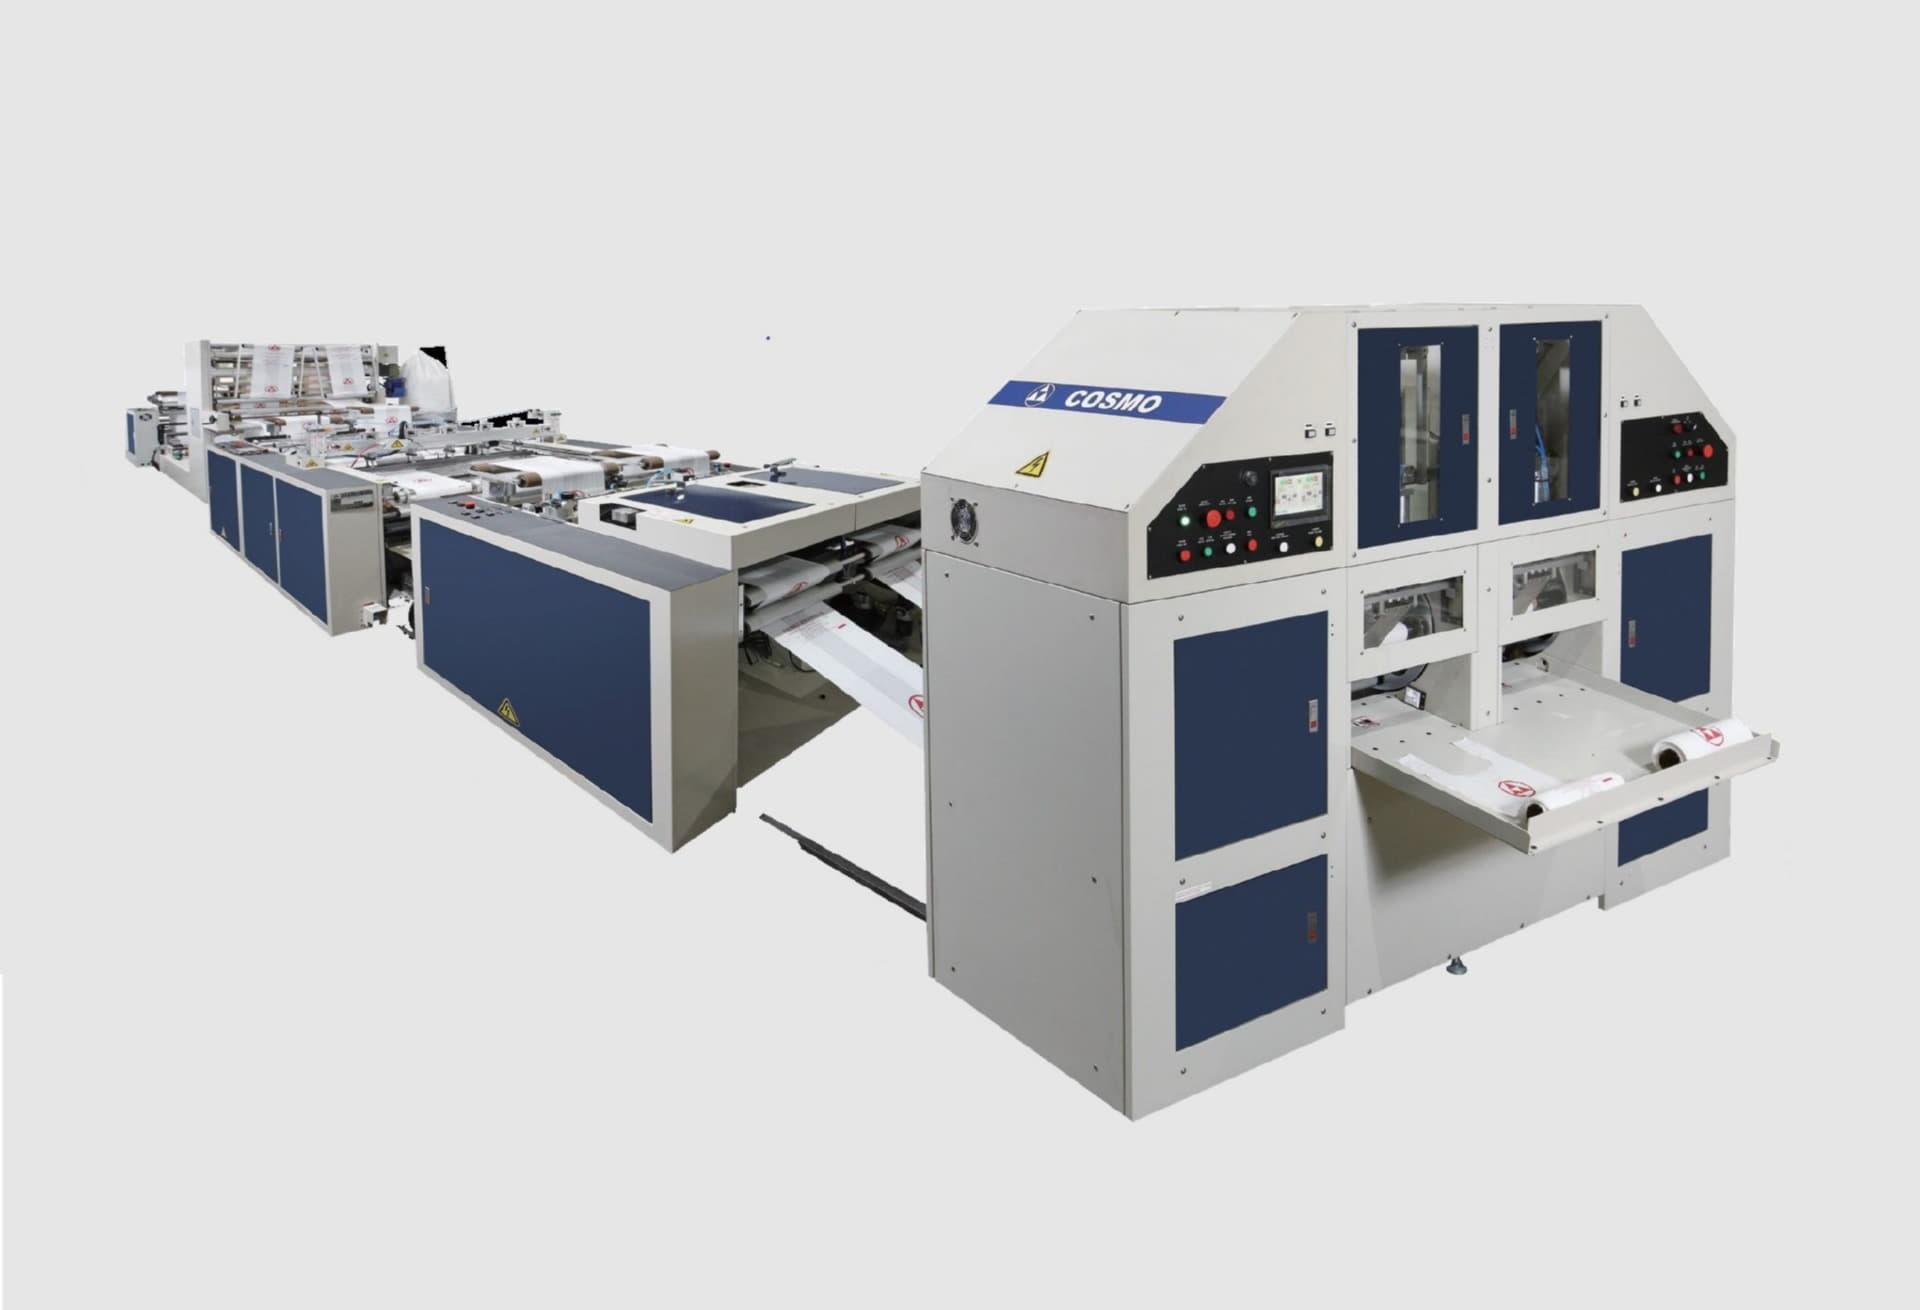 STBCR-40-G2 / Sıcak Dilimleme ve Körüklü Rulo Atlet Poşet Kesim Makinesi